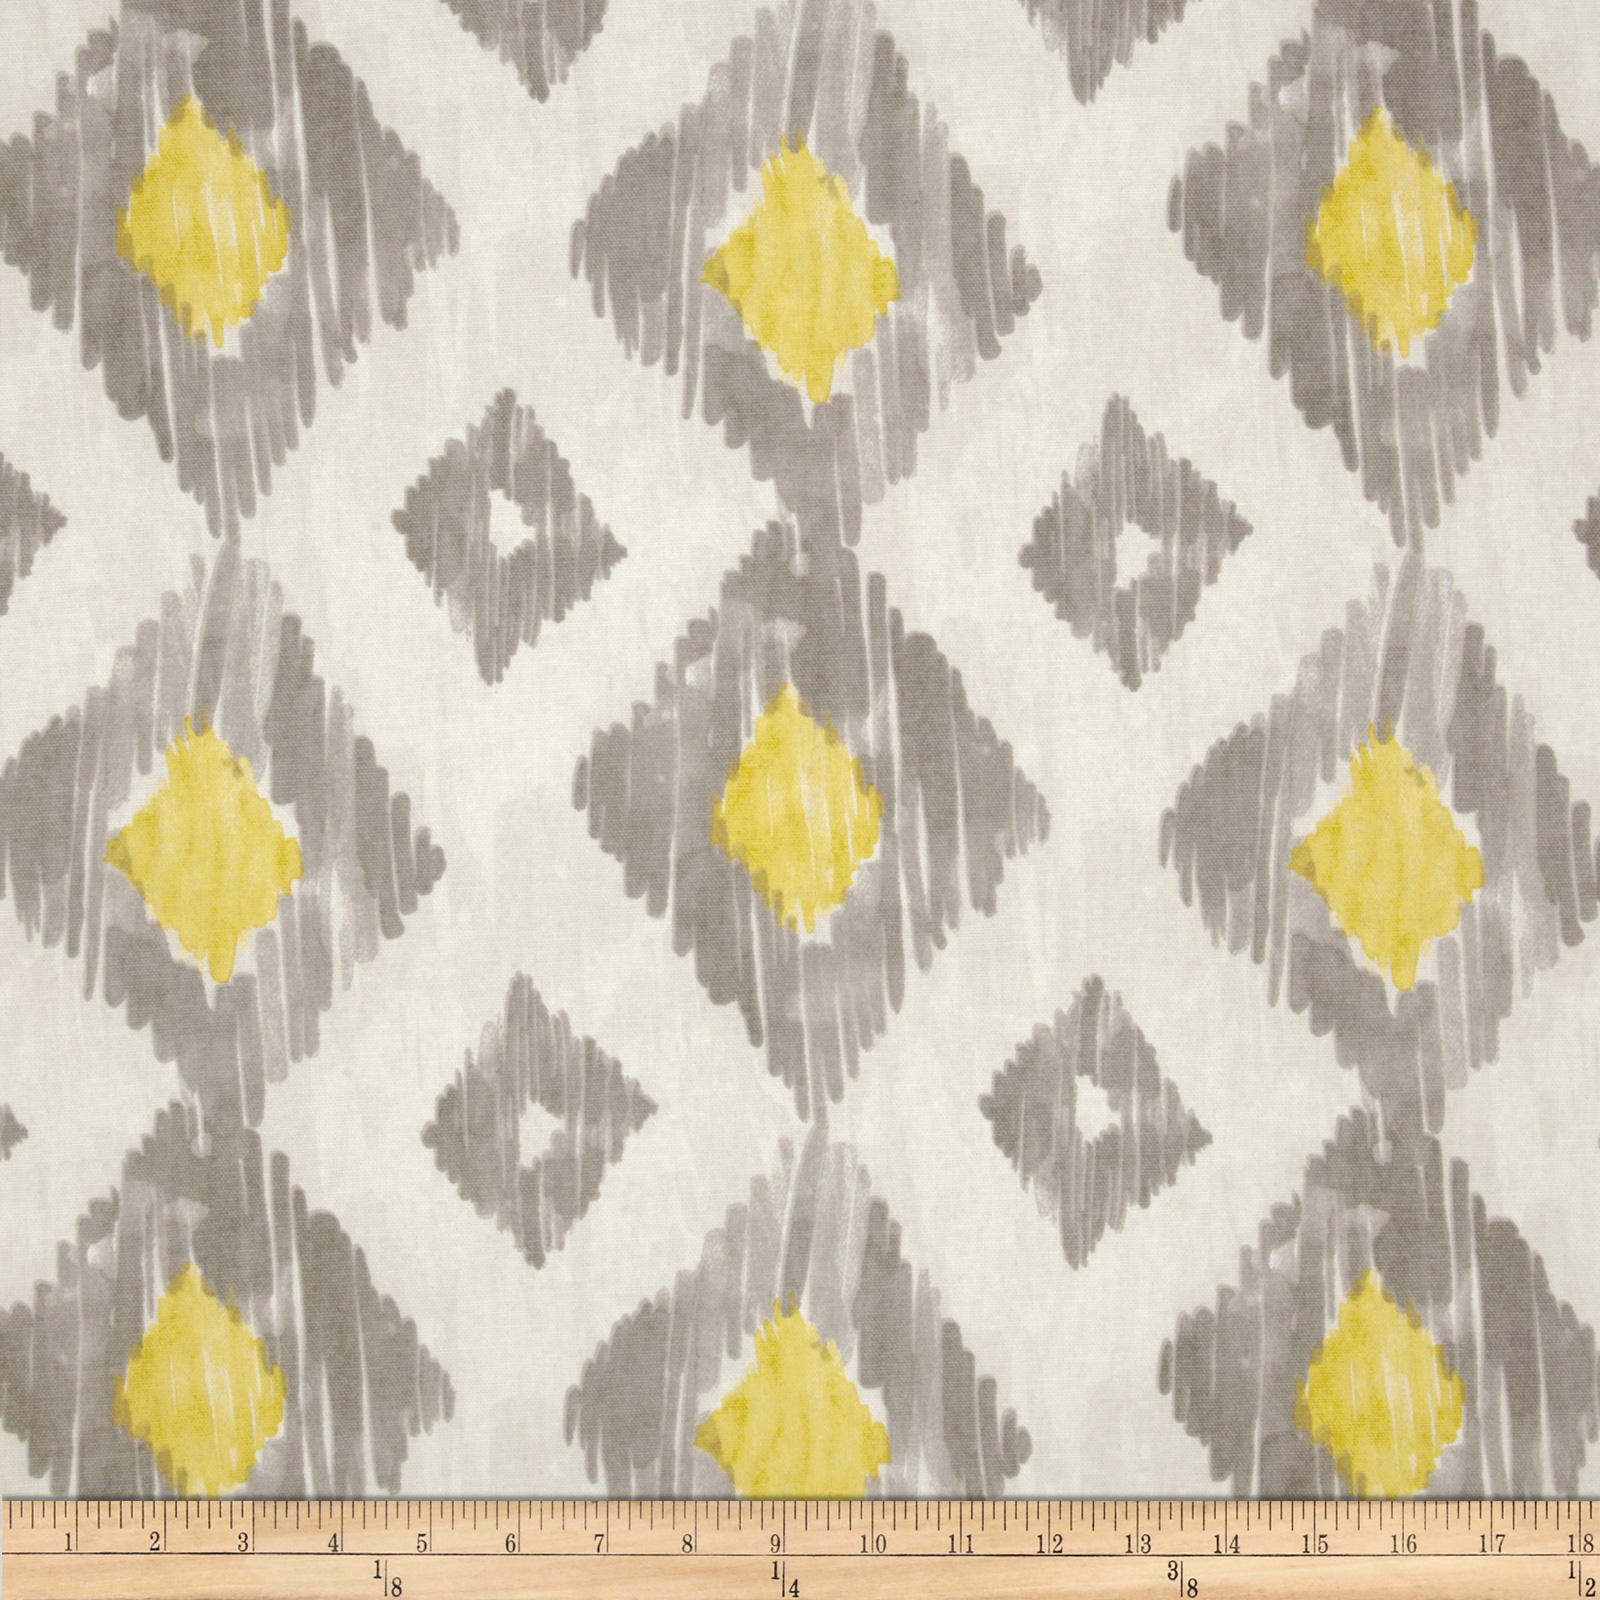 Richloom Kashan Ikat Lemongrass Fabric